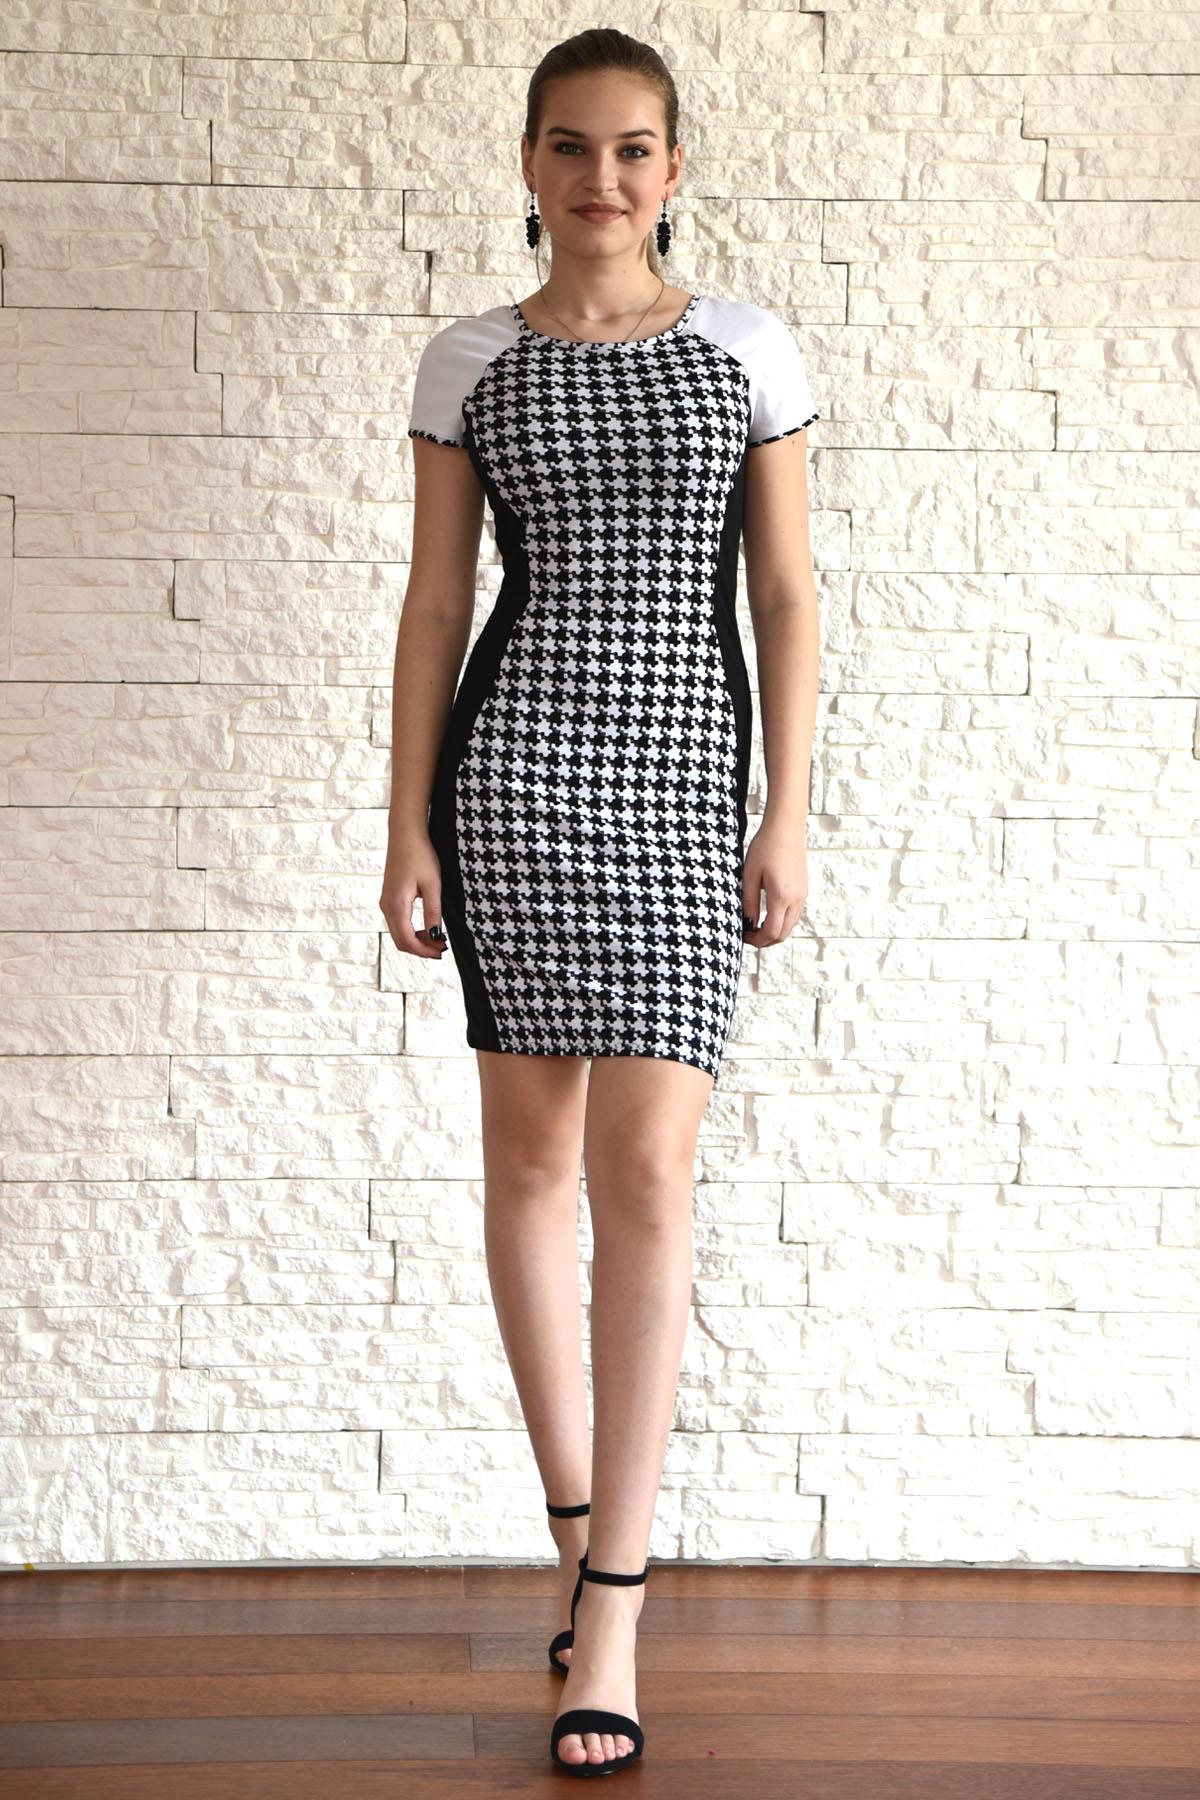 Černobílé pouzdrové šaty   Zboží prodejce Janette M  70ba79c334